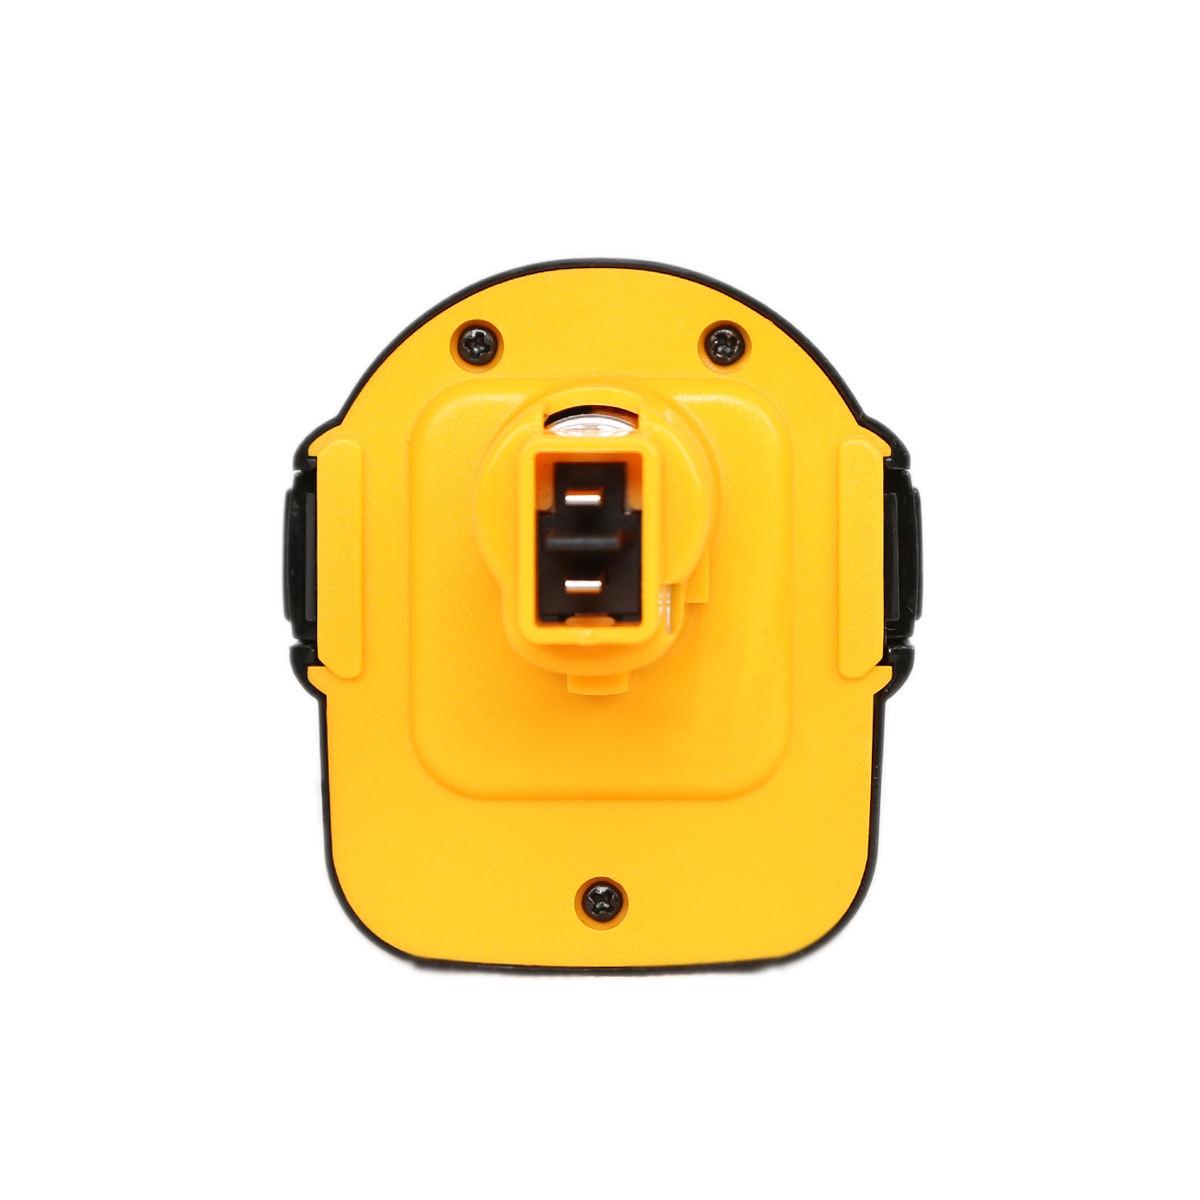 2-Pack DeWalt DW924K2BR Battery 12V, NICD, 1300mAh